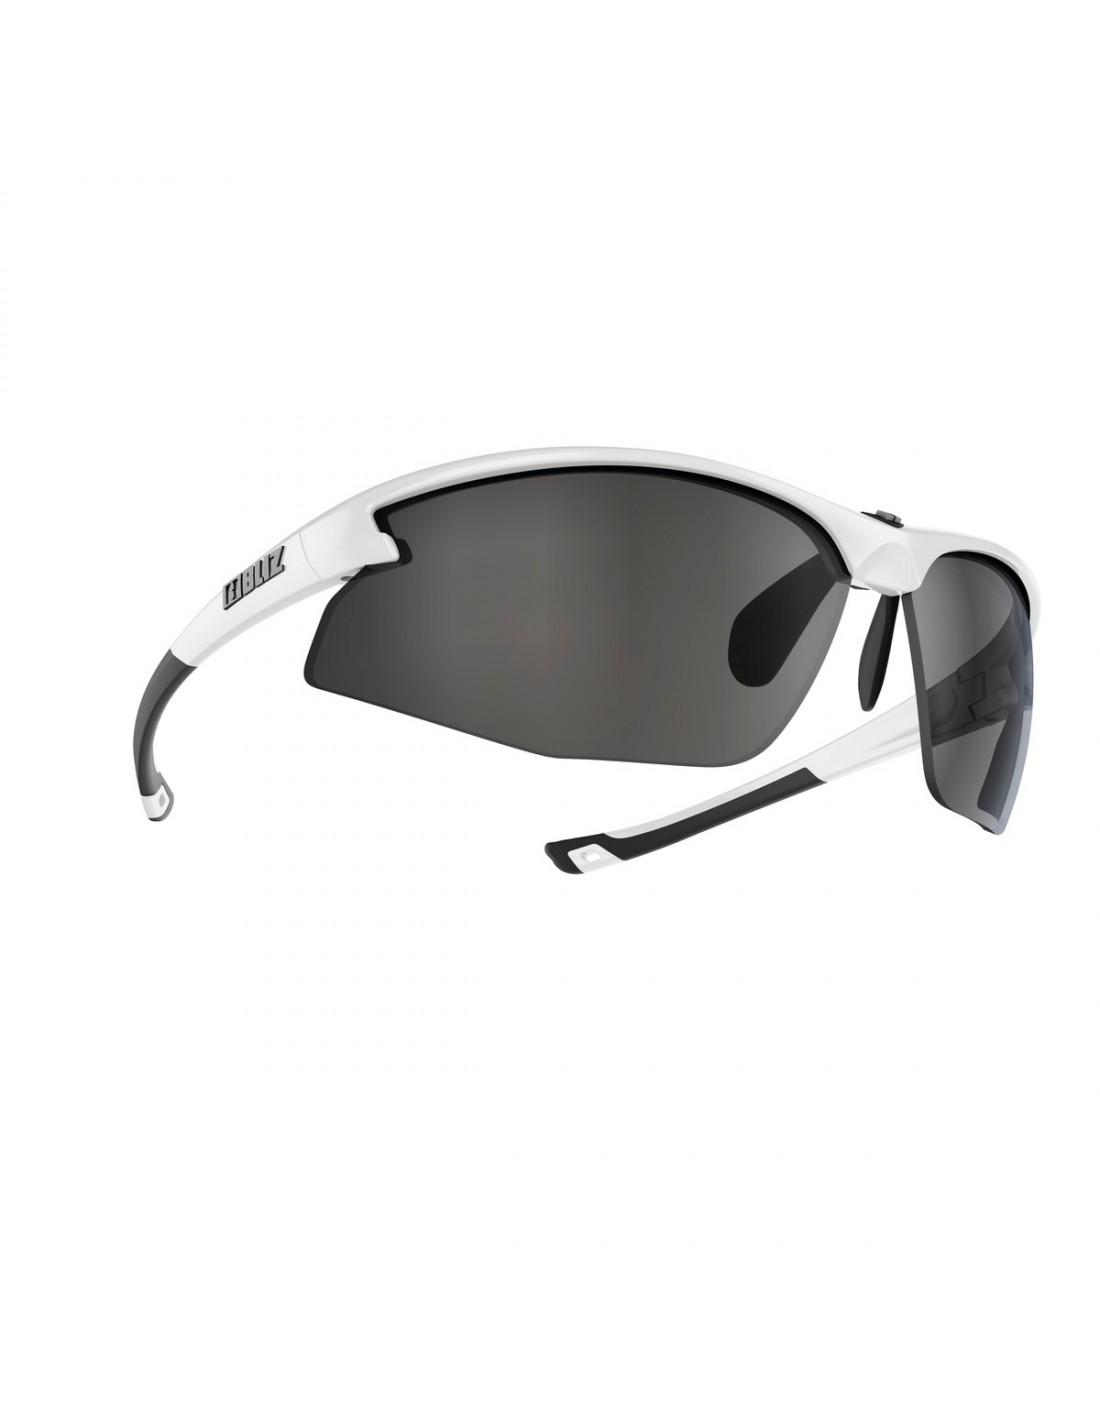 Sykkelbriller Bliz Active Motion+ 9062 599 kr